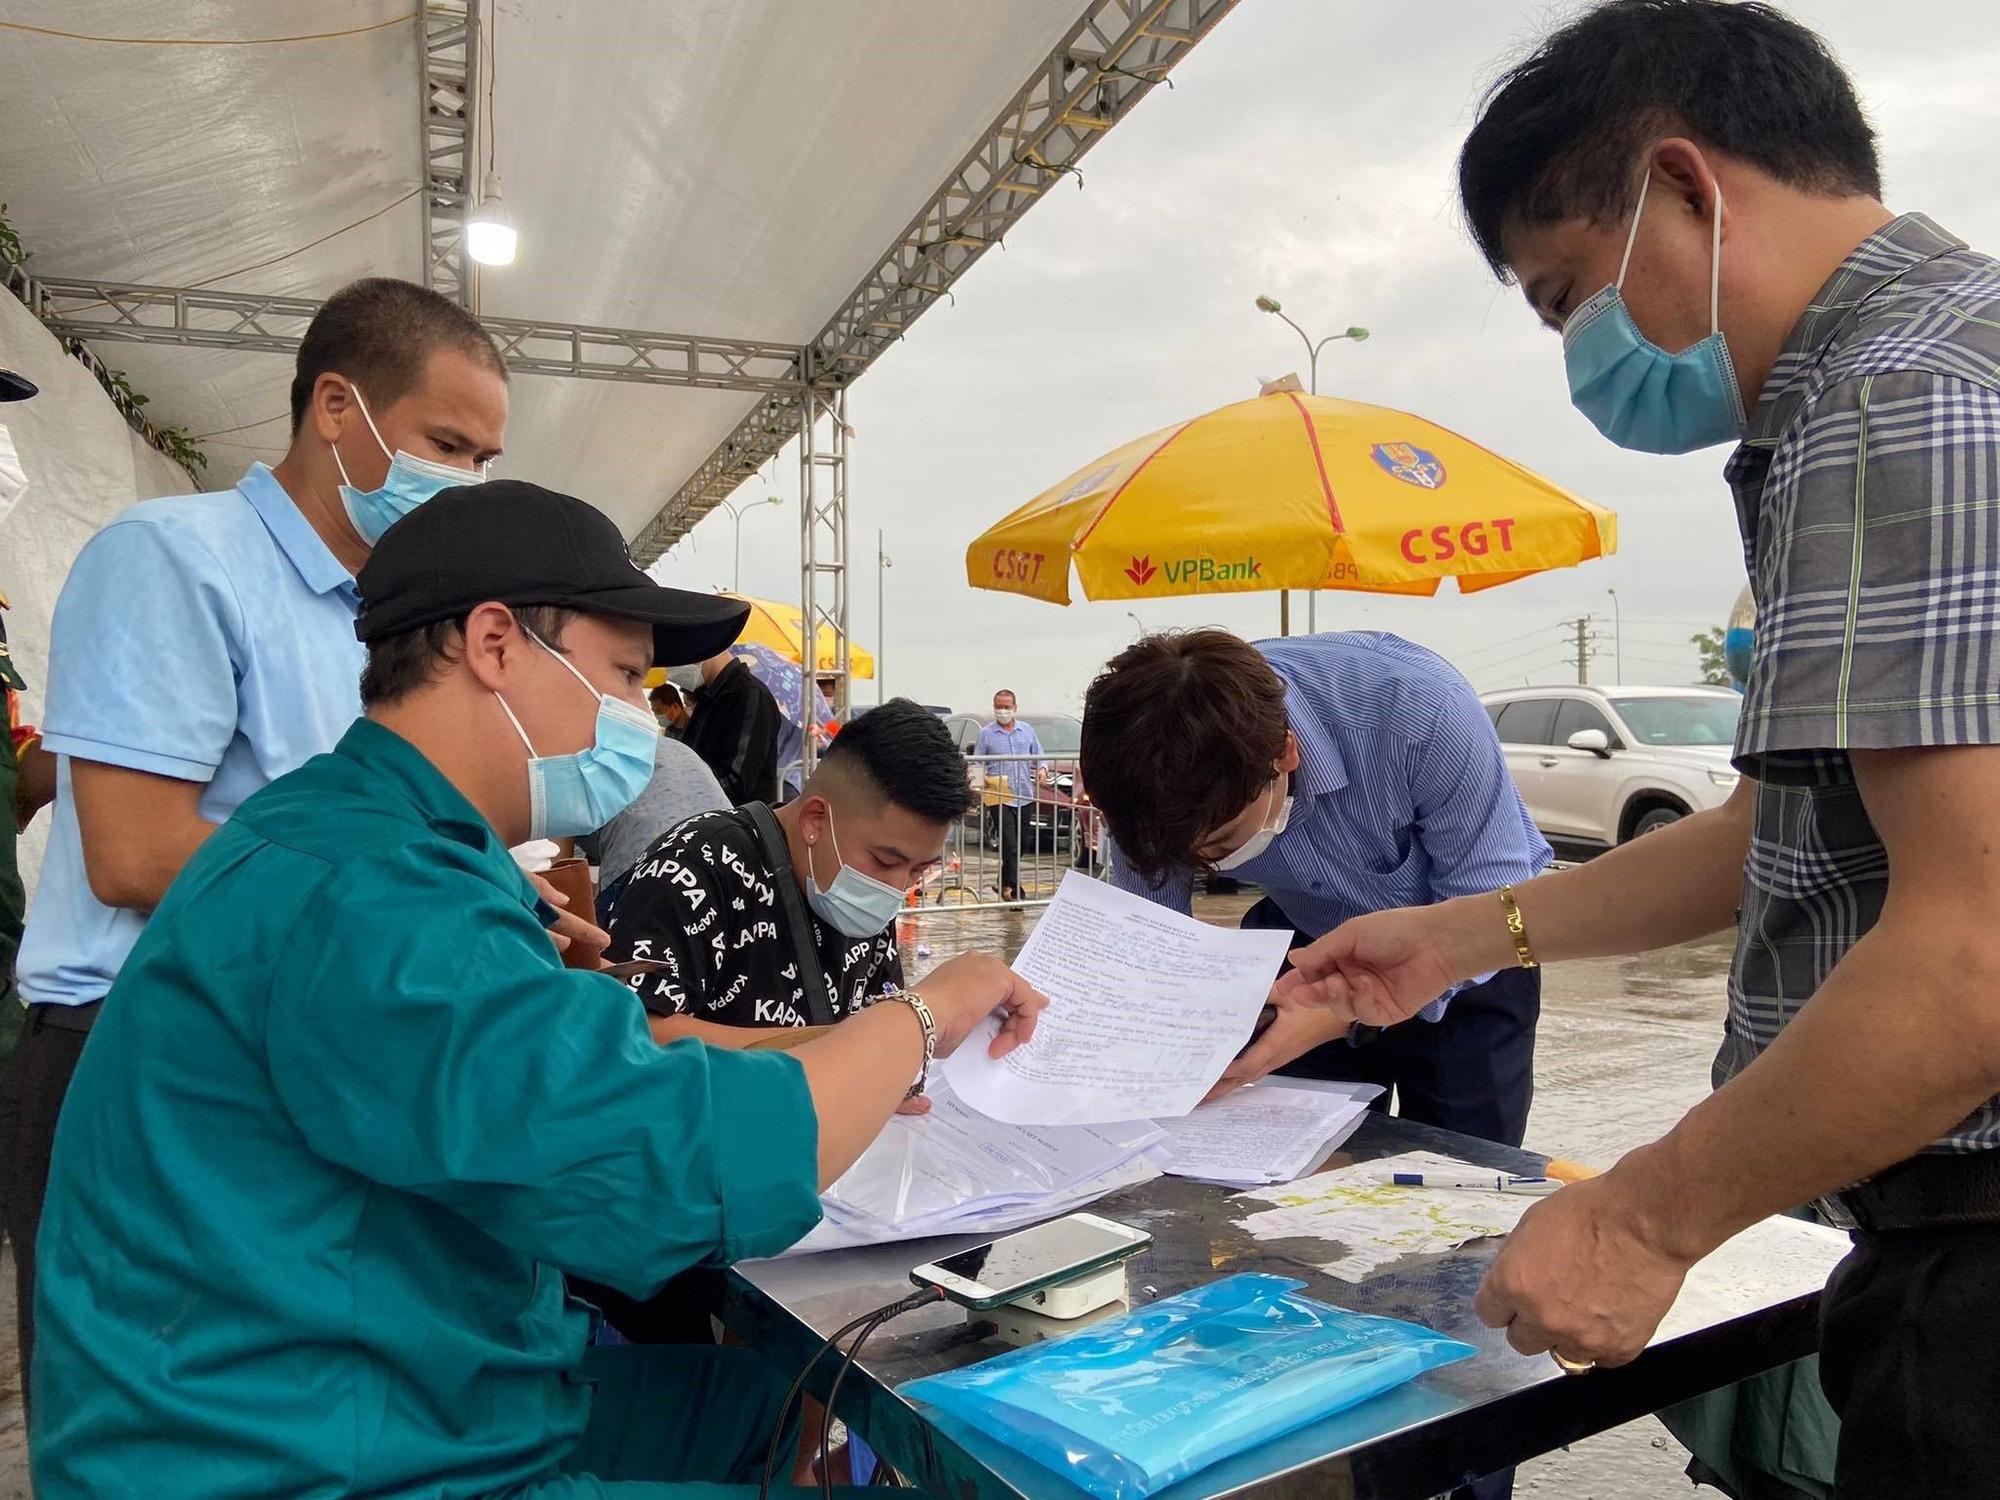 Sáng 14/10: Bất ngờ lớn của 100 người tự phát về quê khi đến TP.HCM; Quảng Nam báo cáo Bộ Công an về hoạt động từ thiện của ca sĩ Thủy Tiên - Ảnh 4.